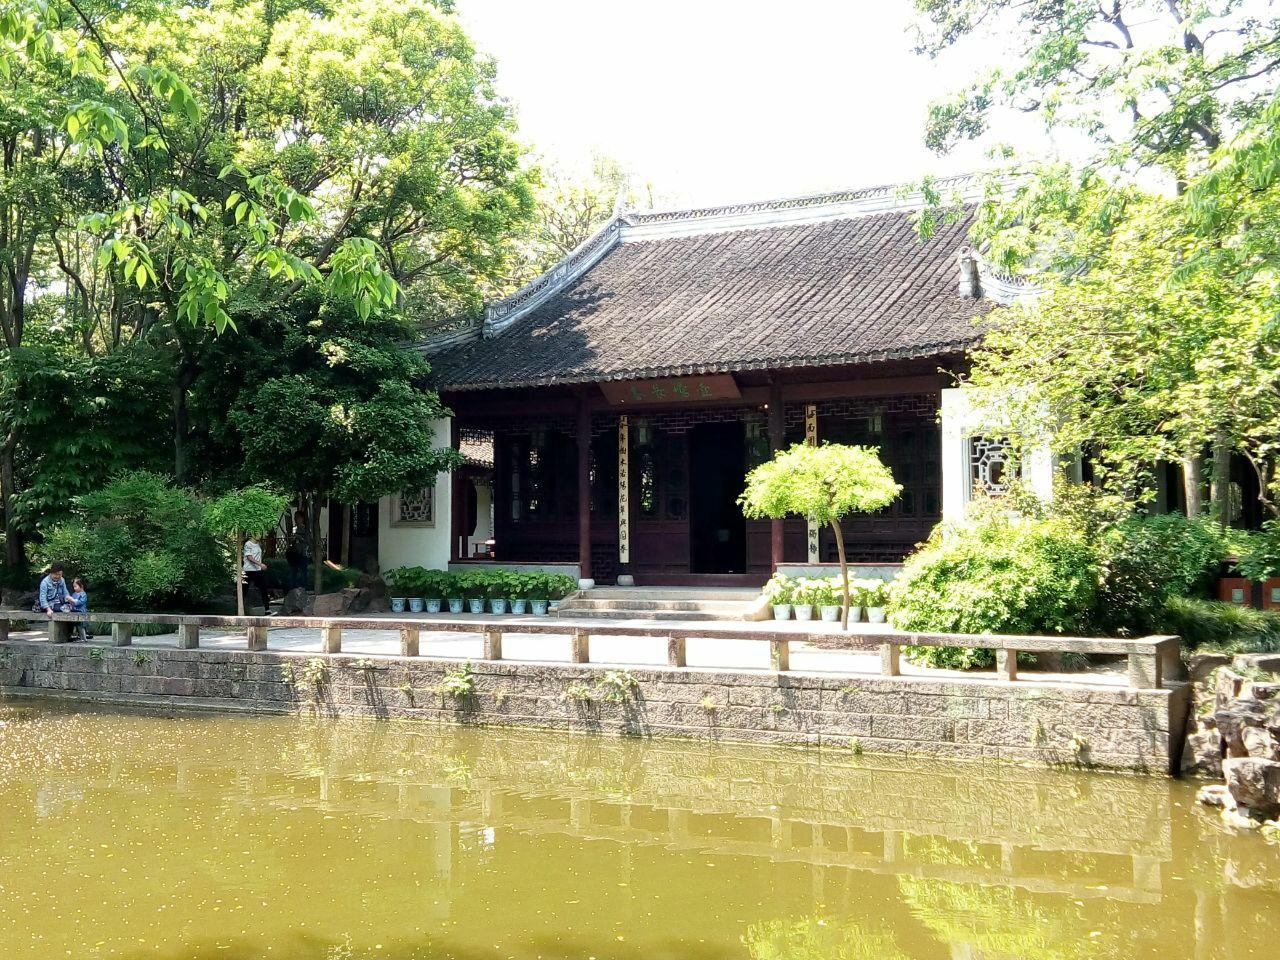 上海周边的四大古园林之一(嘉定秋霞